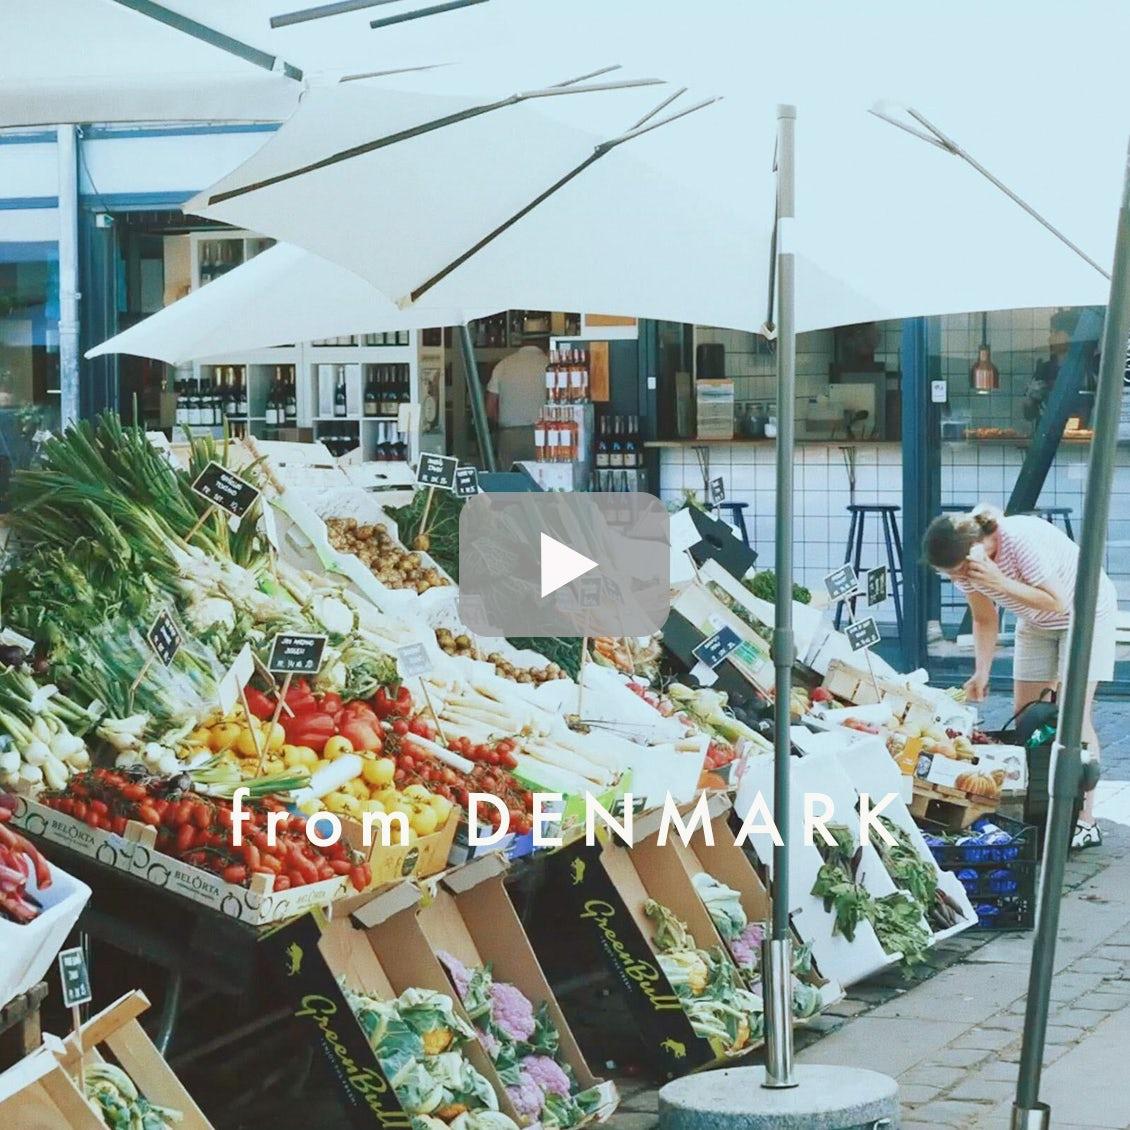 【北欧に暮らすひと第2弾】03:週末の過ごし方。自転車でマーケットをめぐる